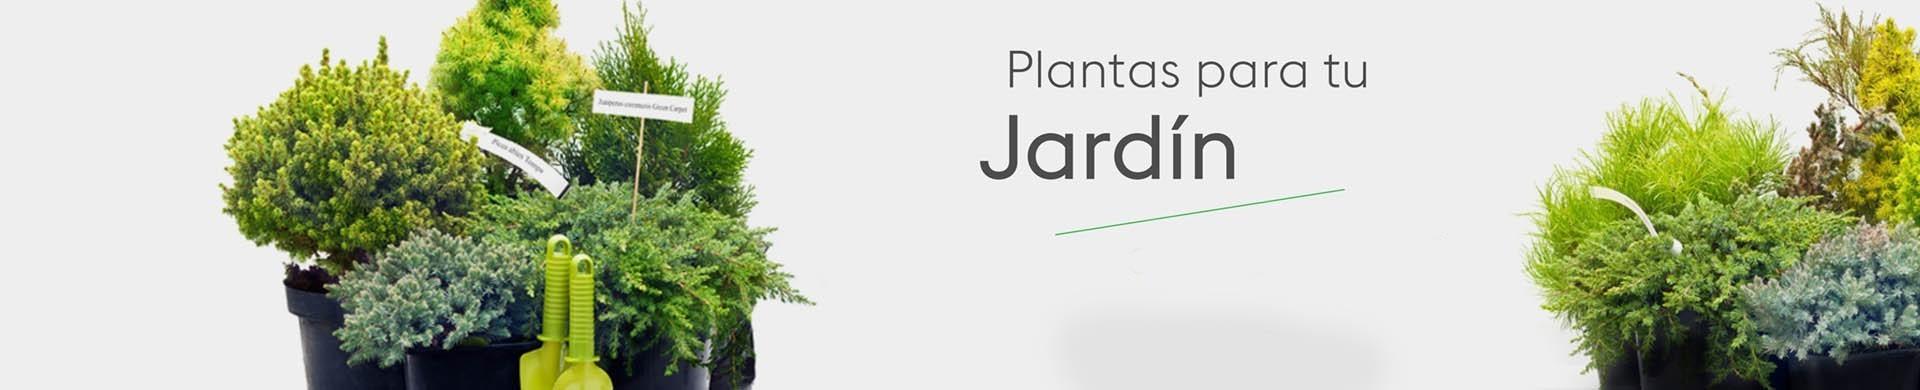 Plantas para jardín - Comprar árboles y arbustos para jardín online -